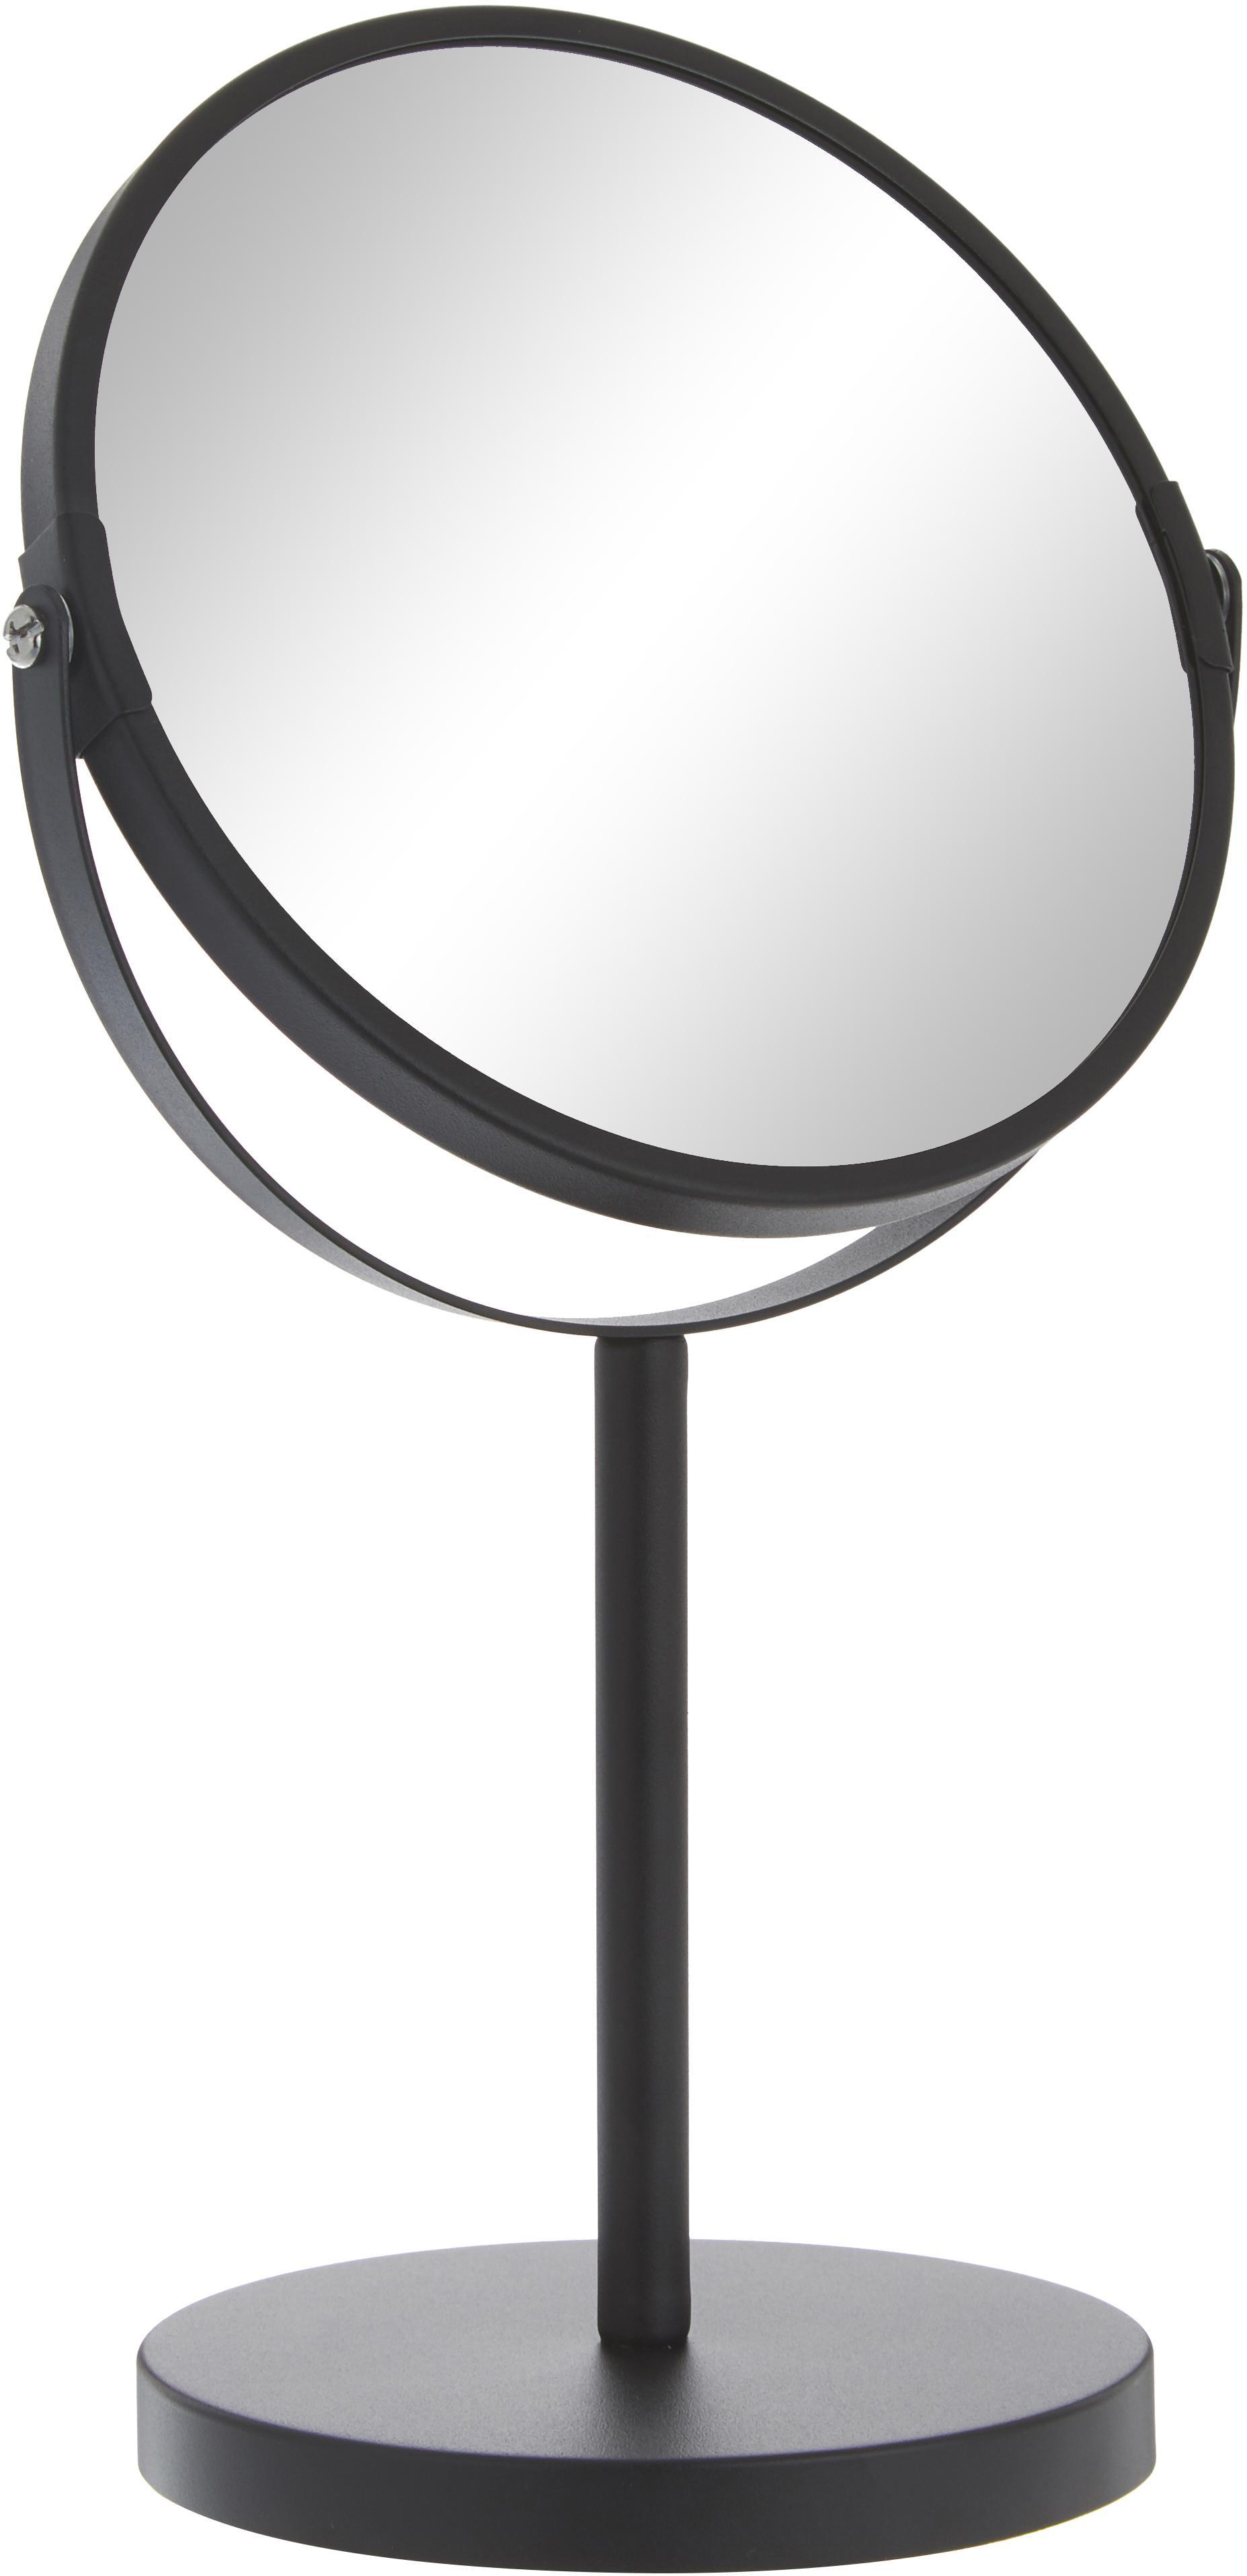 Kosmetikspiegel Classic mit Vergrösserung, Rahmen: Metall, Spiegelfläche: Spiegelglas, Rahmen: SchwarzSpiegelfläche: Spiegelglas, Ø 20 x H 35 cm